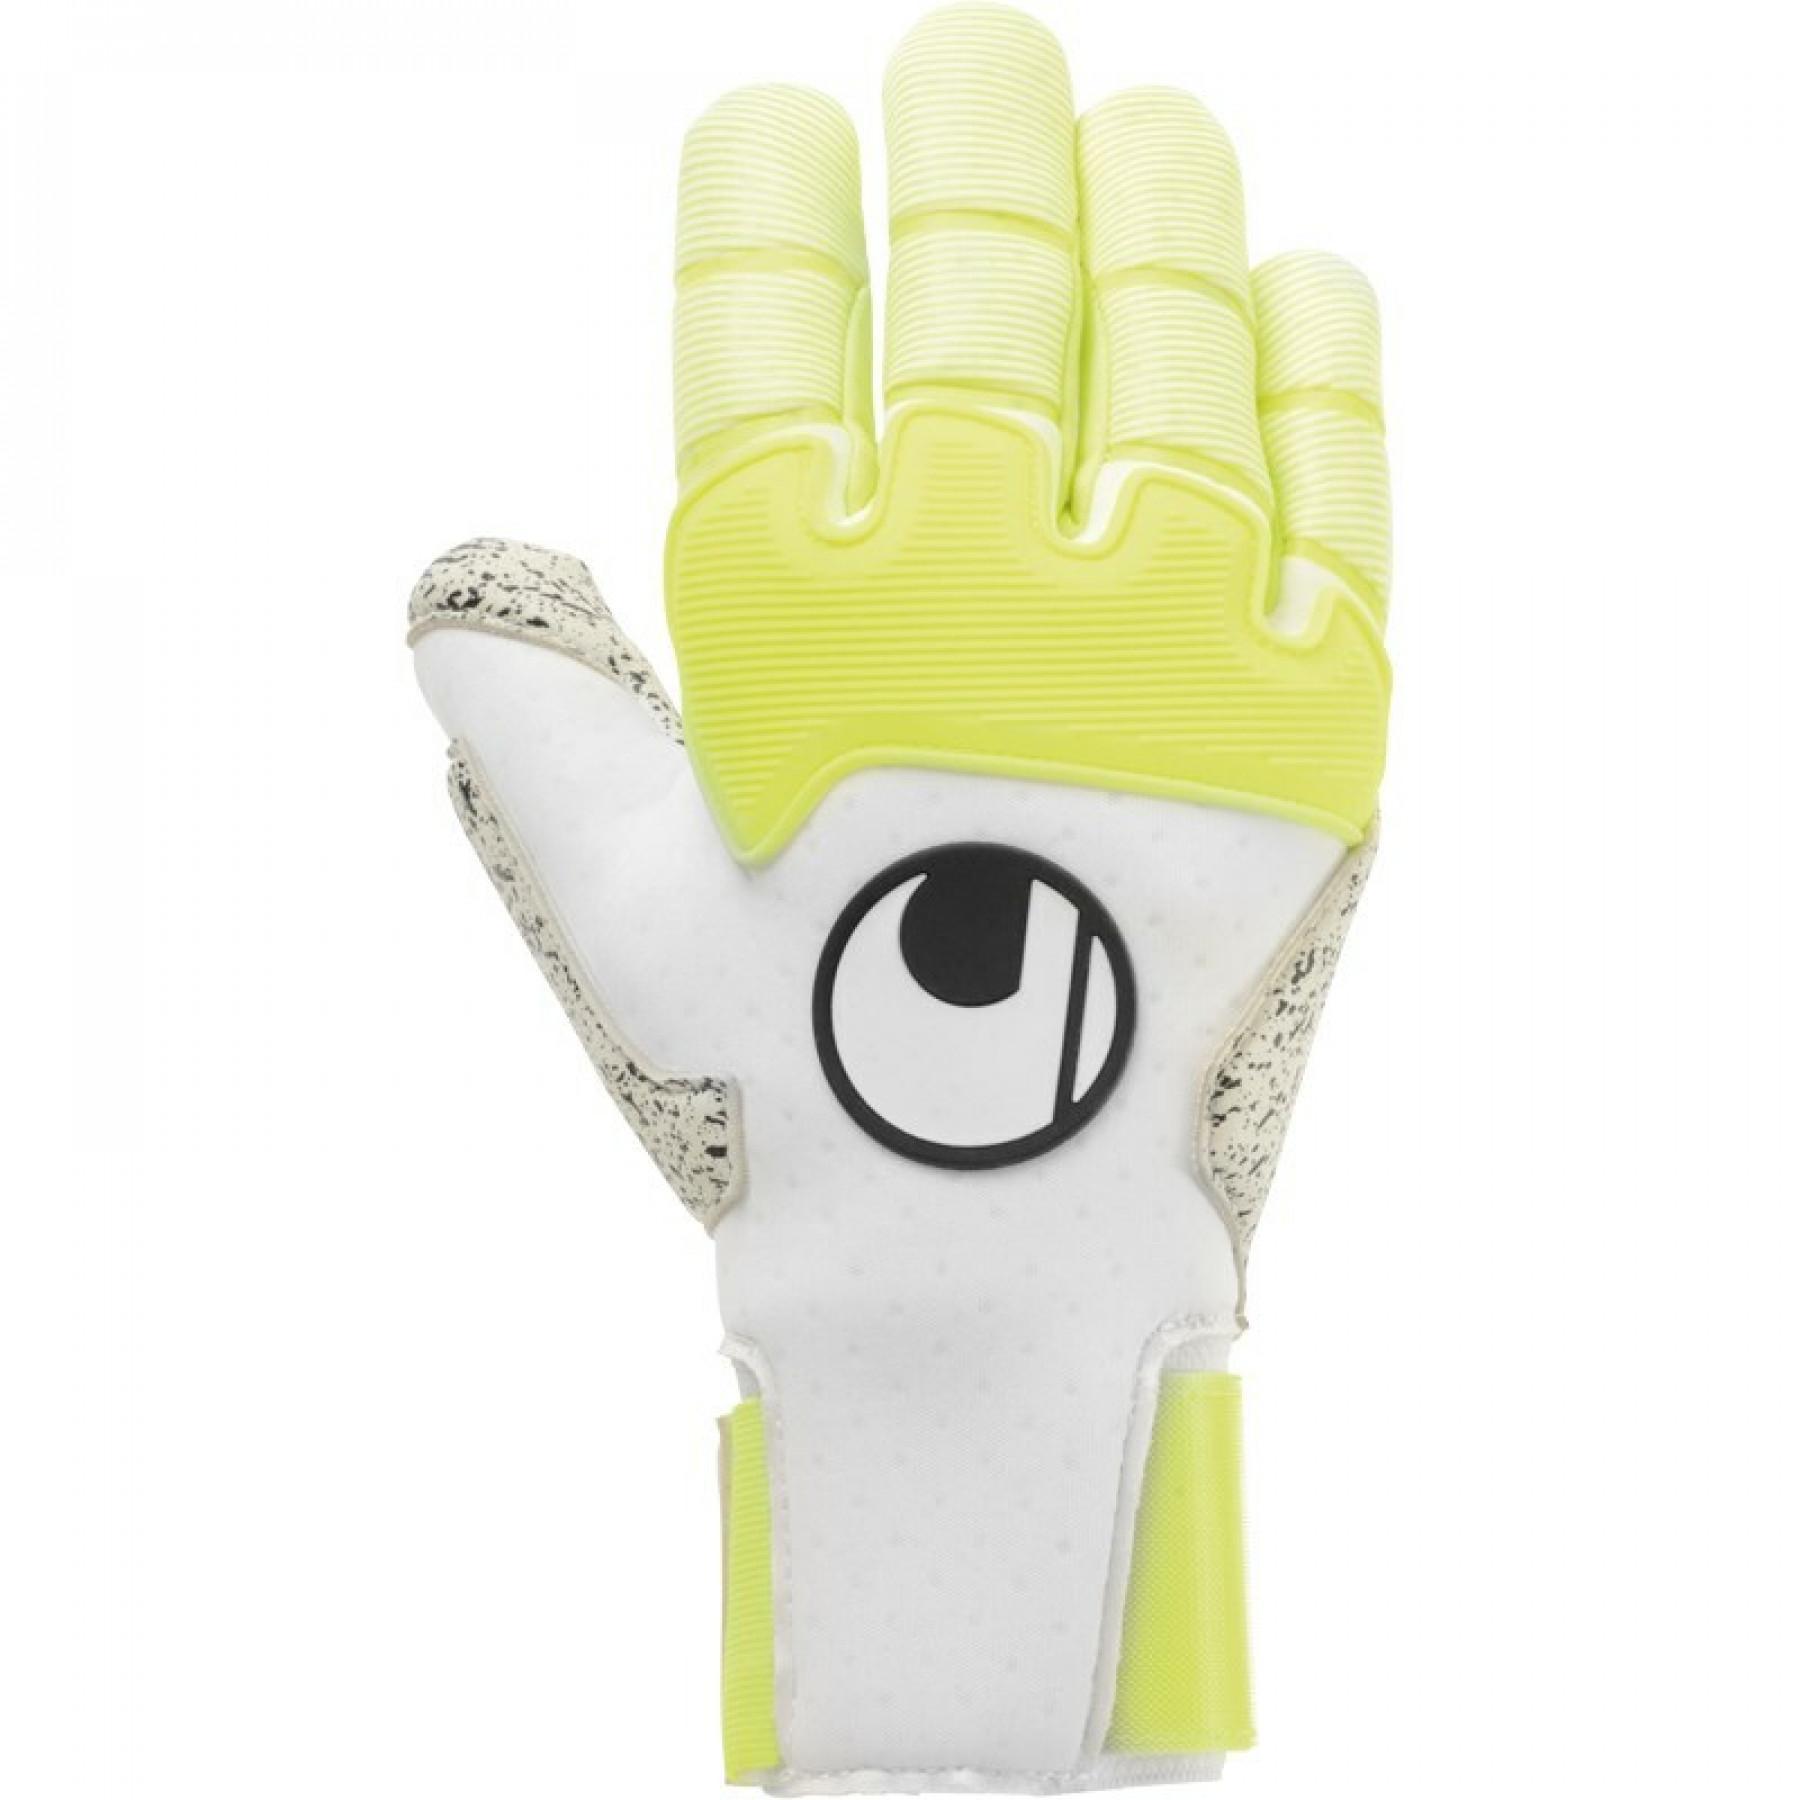 Goalkeeper gloves Uhlsport Pure alliance supergrip+ reflex